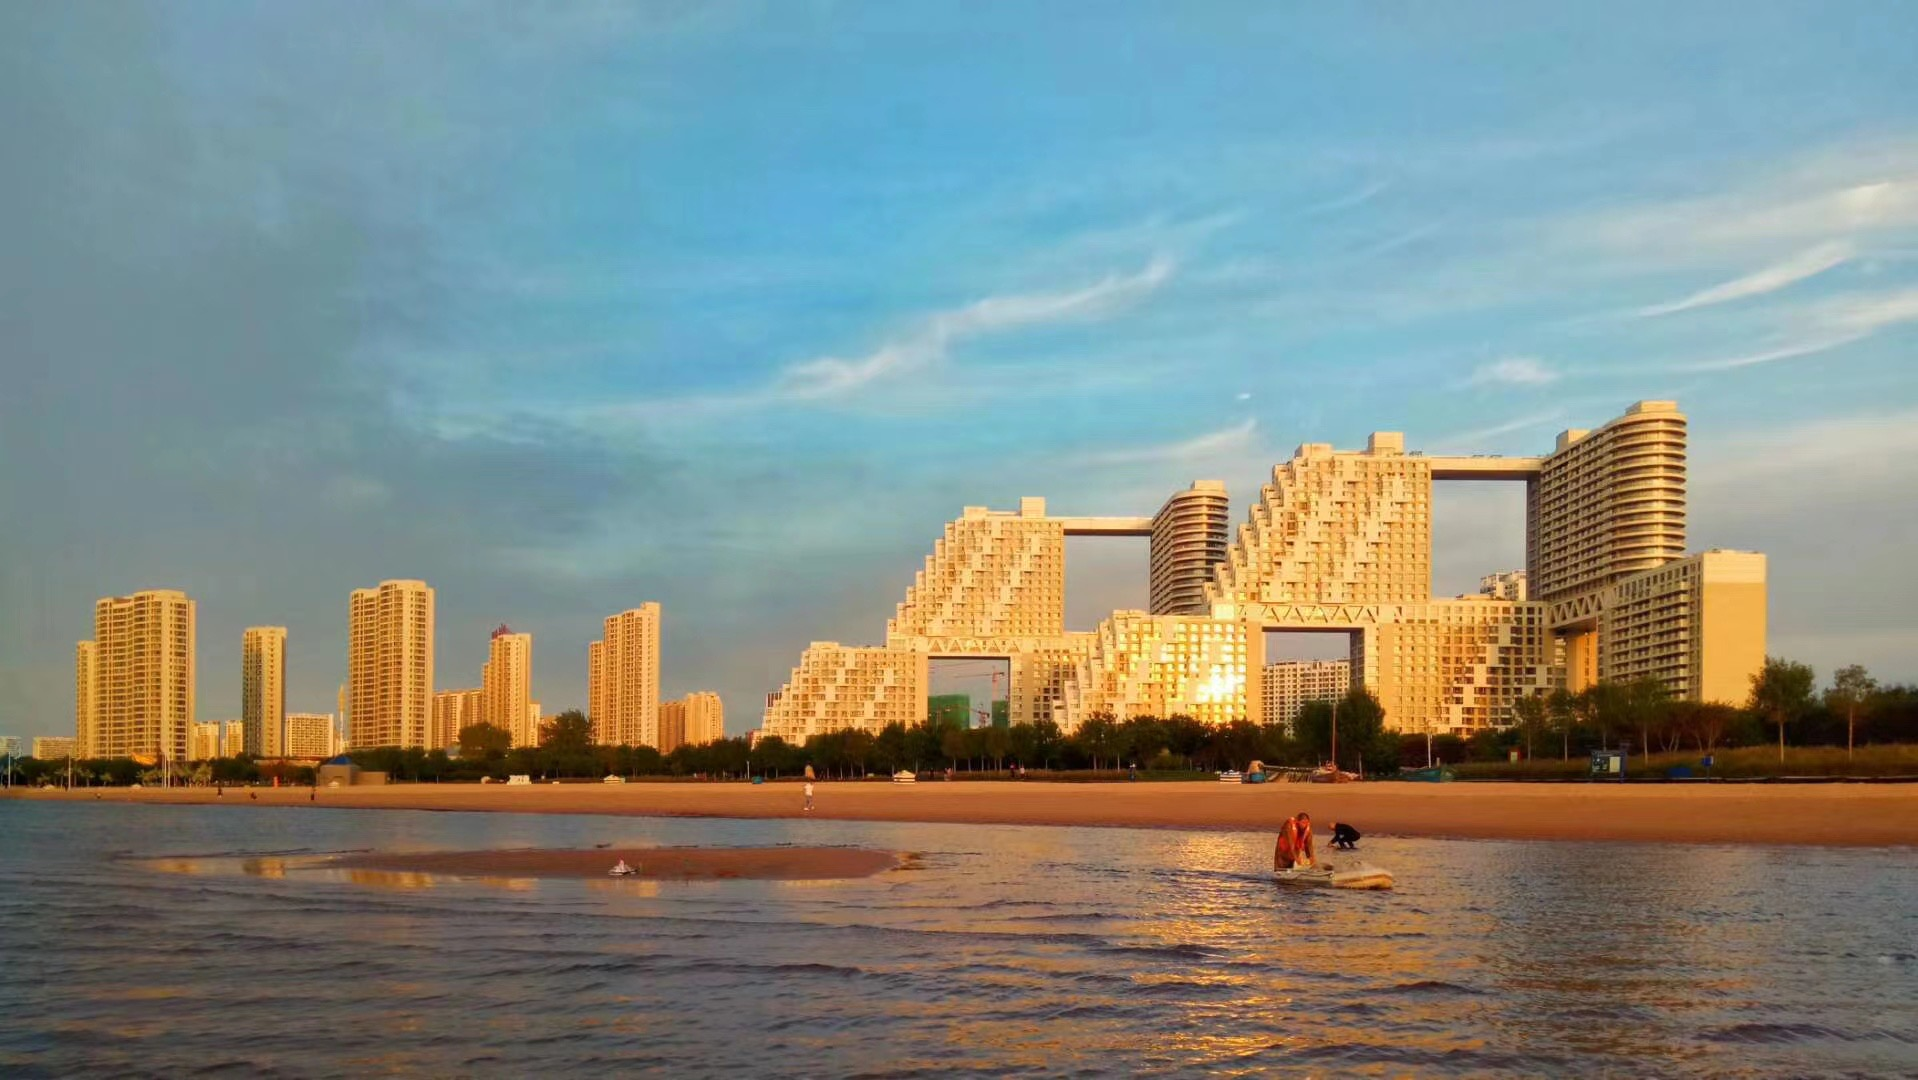 建造国贸的嘉里,又在秦皇岛造了一座地标